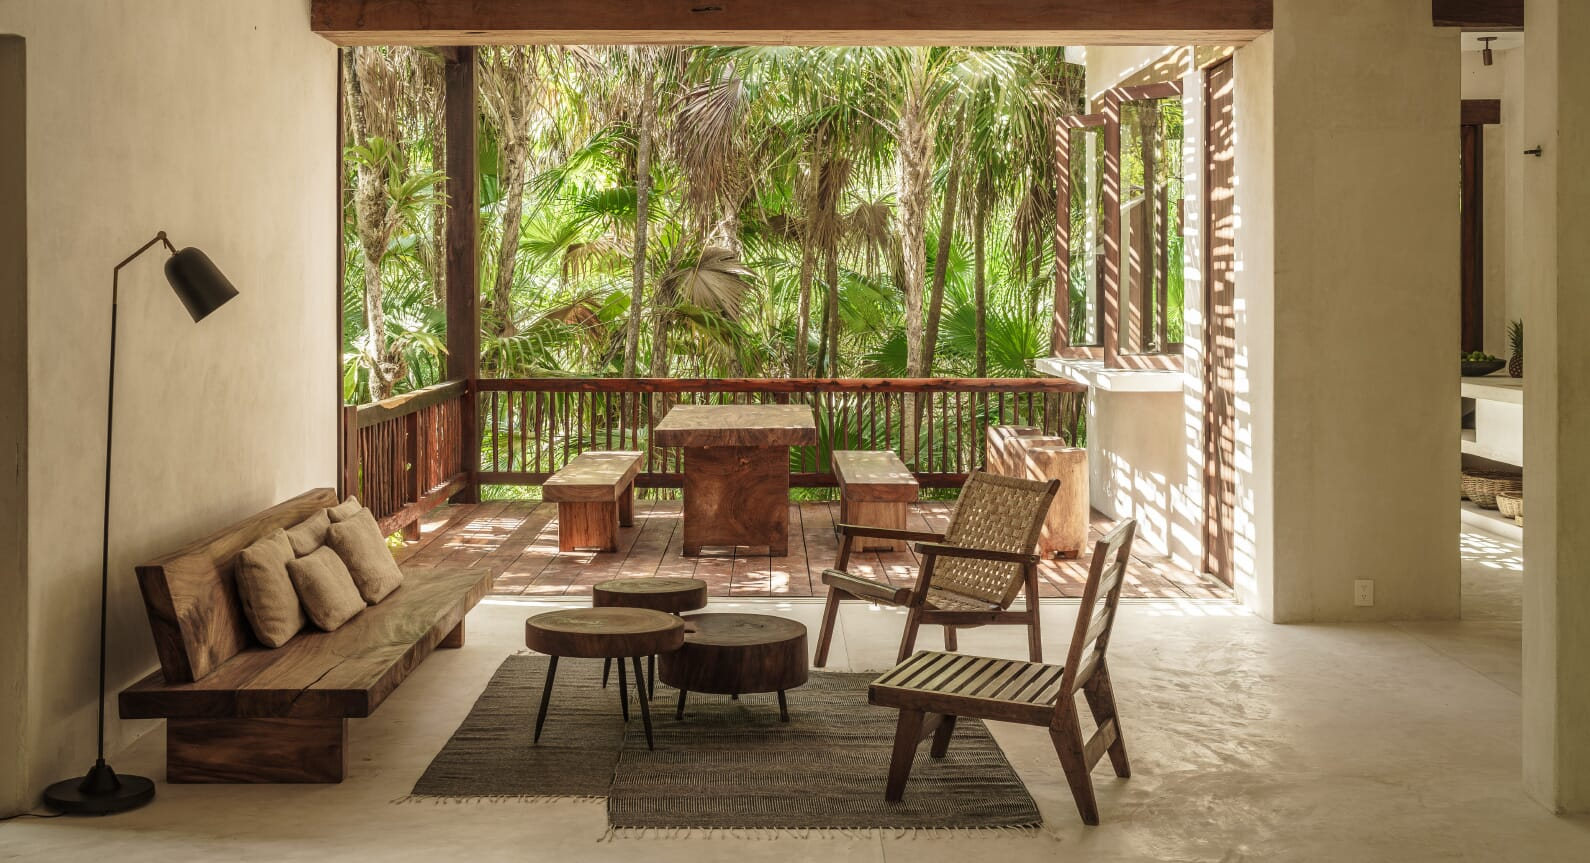 The Tulum Treehouse In Mexico Provides The Perfect Jungle Escape